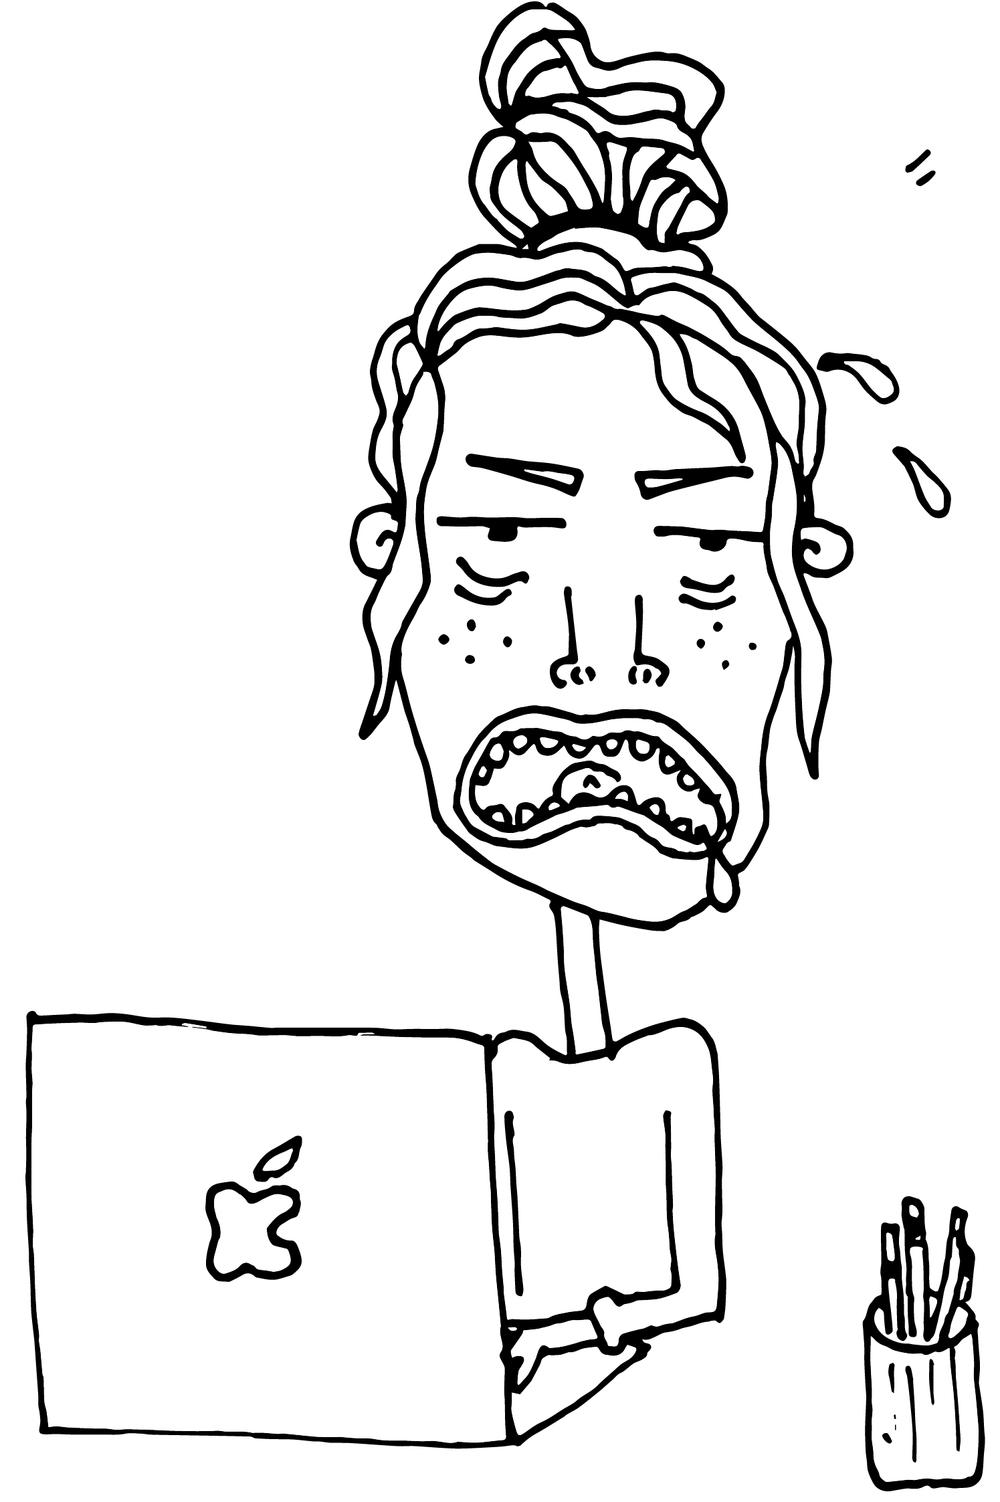 doodle-01.jpg